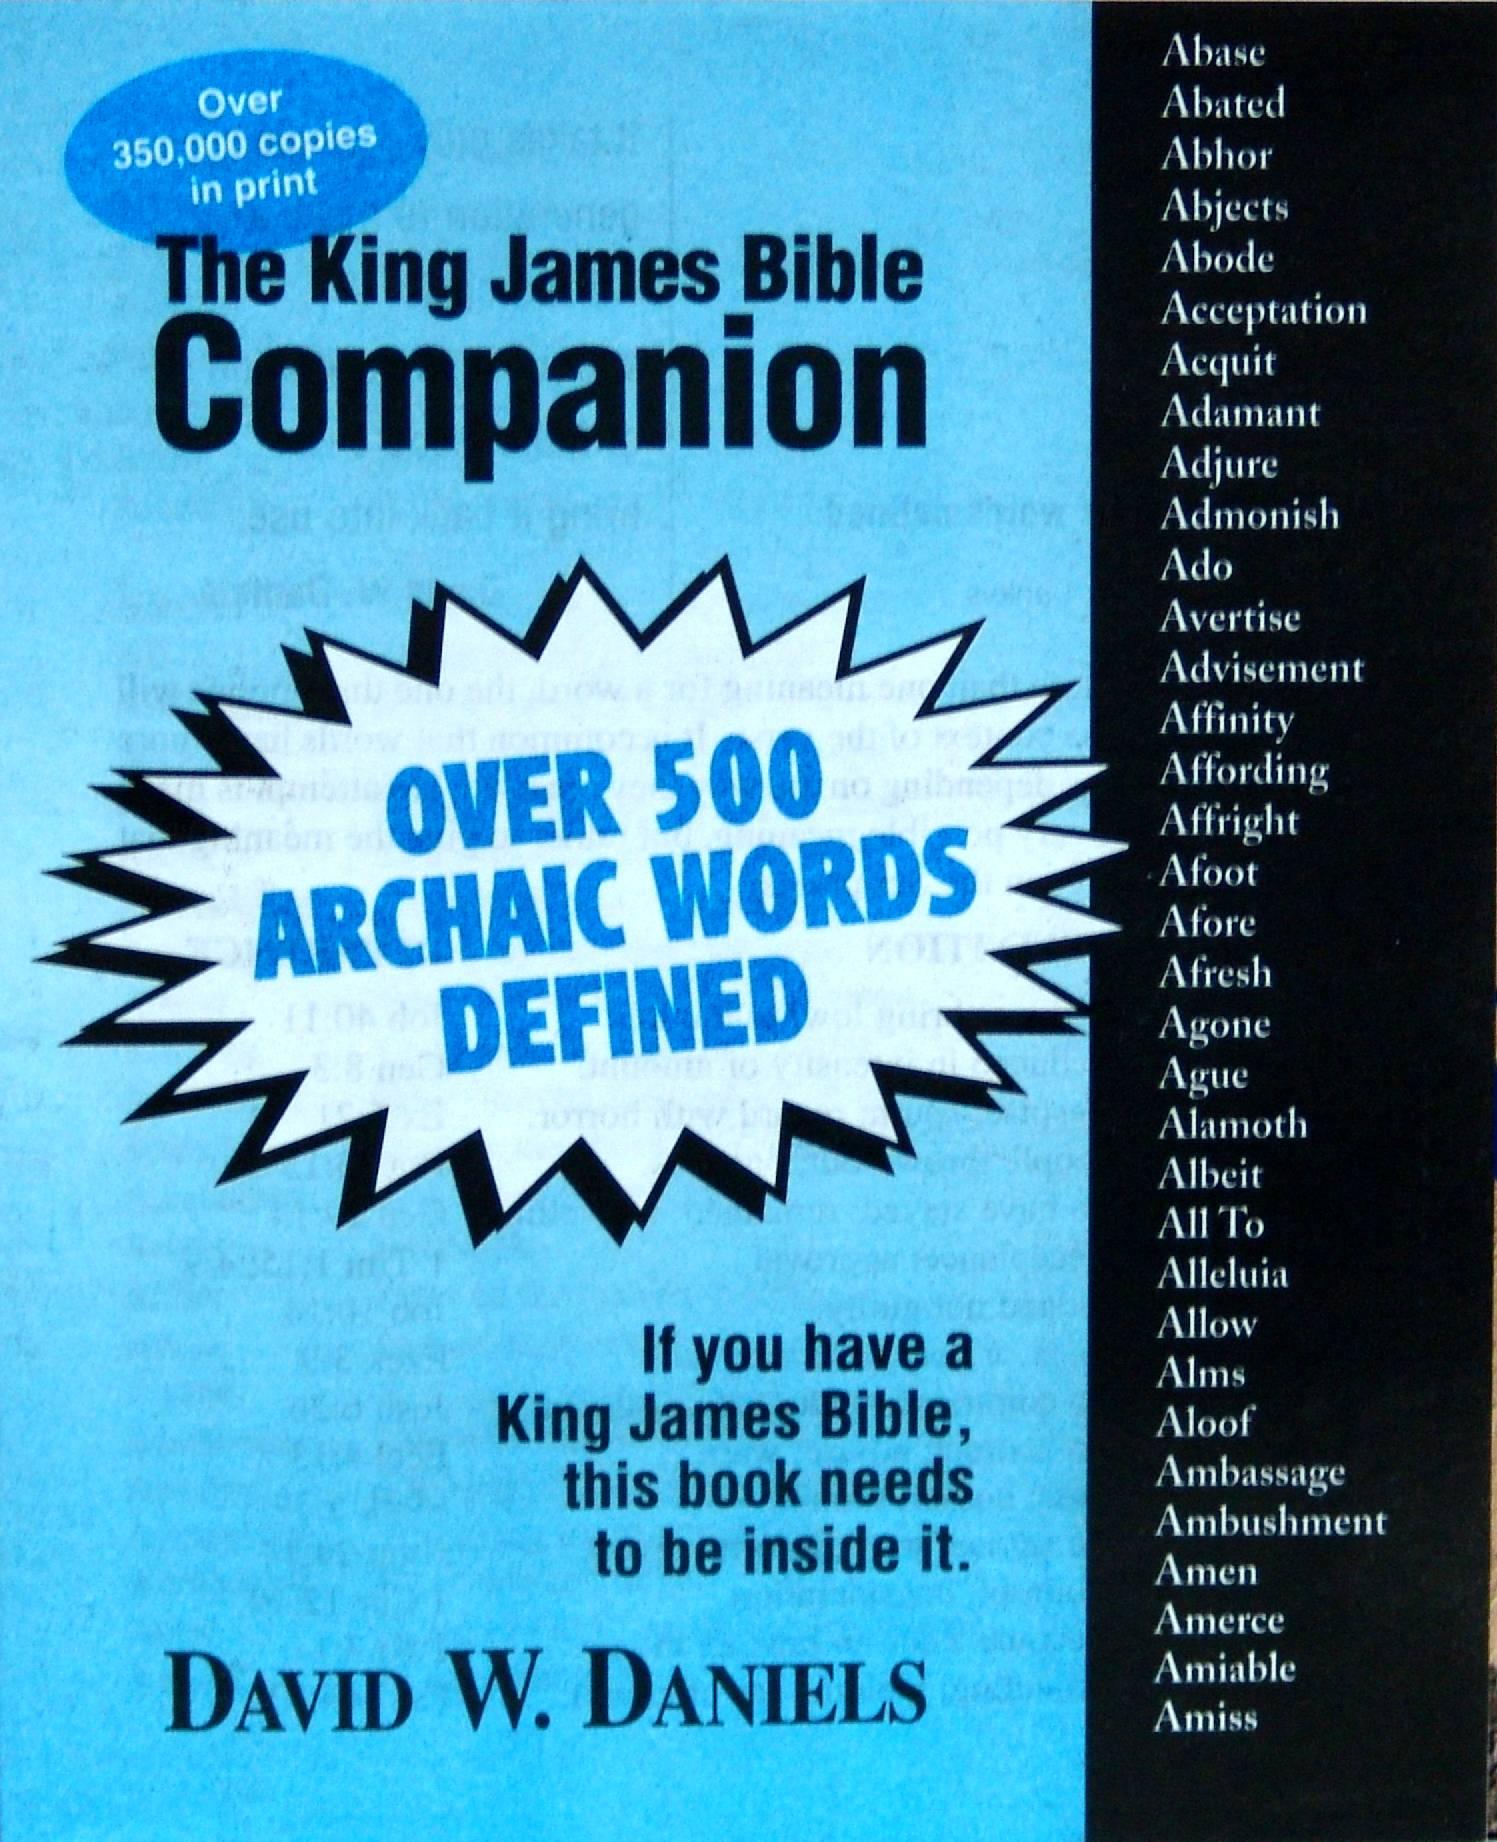 King james bible companion pdf